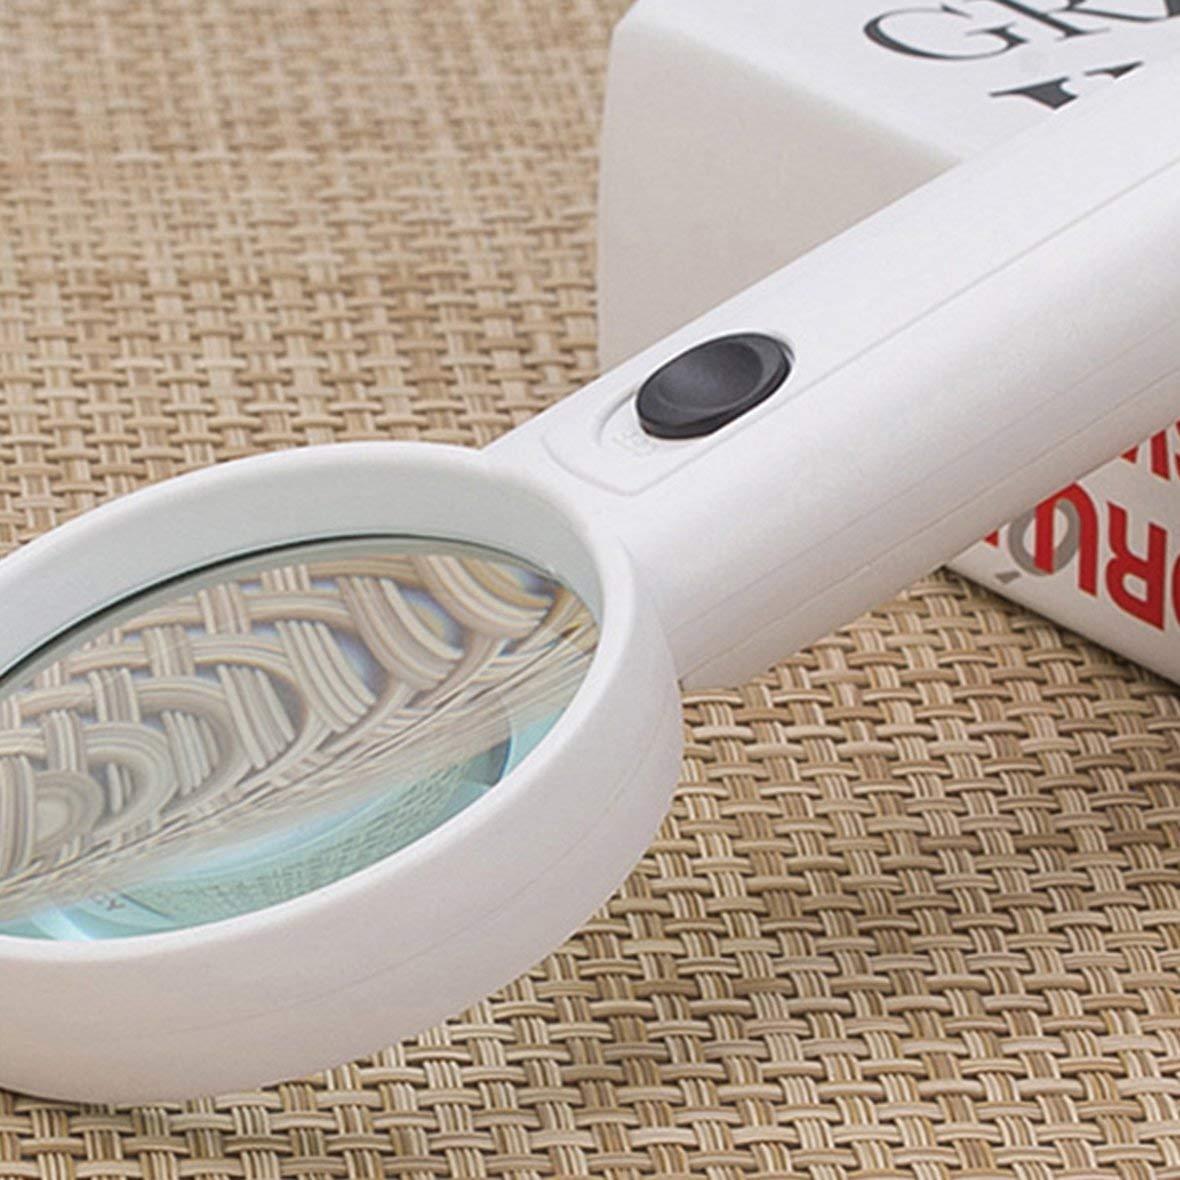 Heaviesk Lupa de Aumento 4X con 2 LED de luz Mini Bolsillo de Lectura Joyas Lupa Lupa Lupa